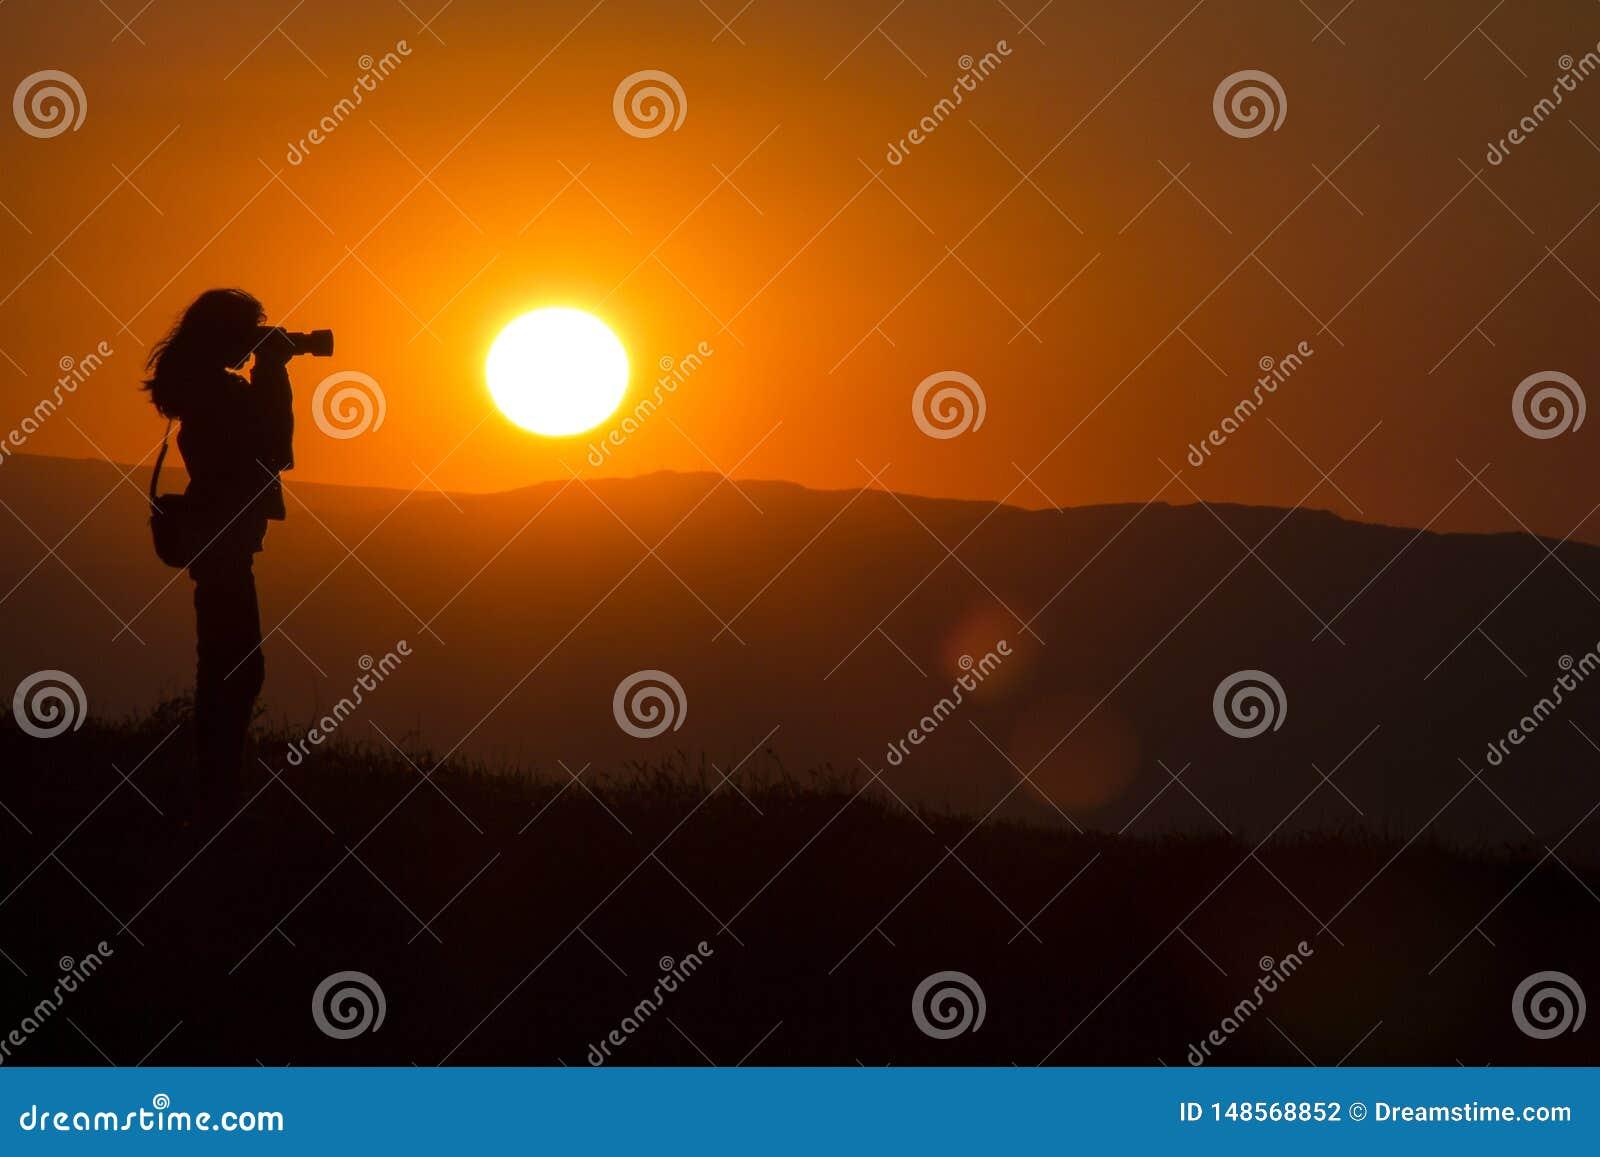 Silueta del fot?grafo en la puesta del sol